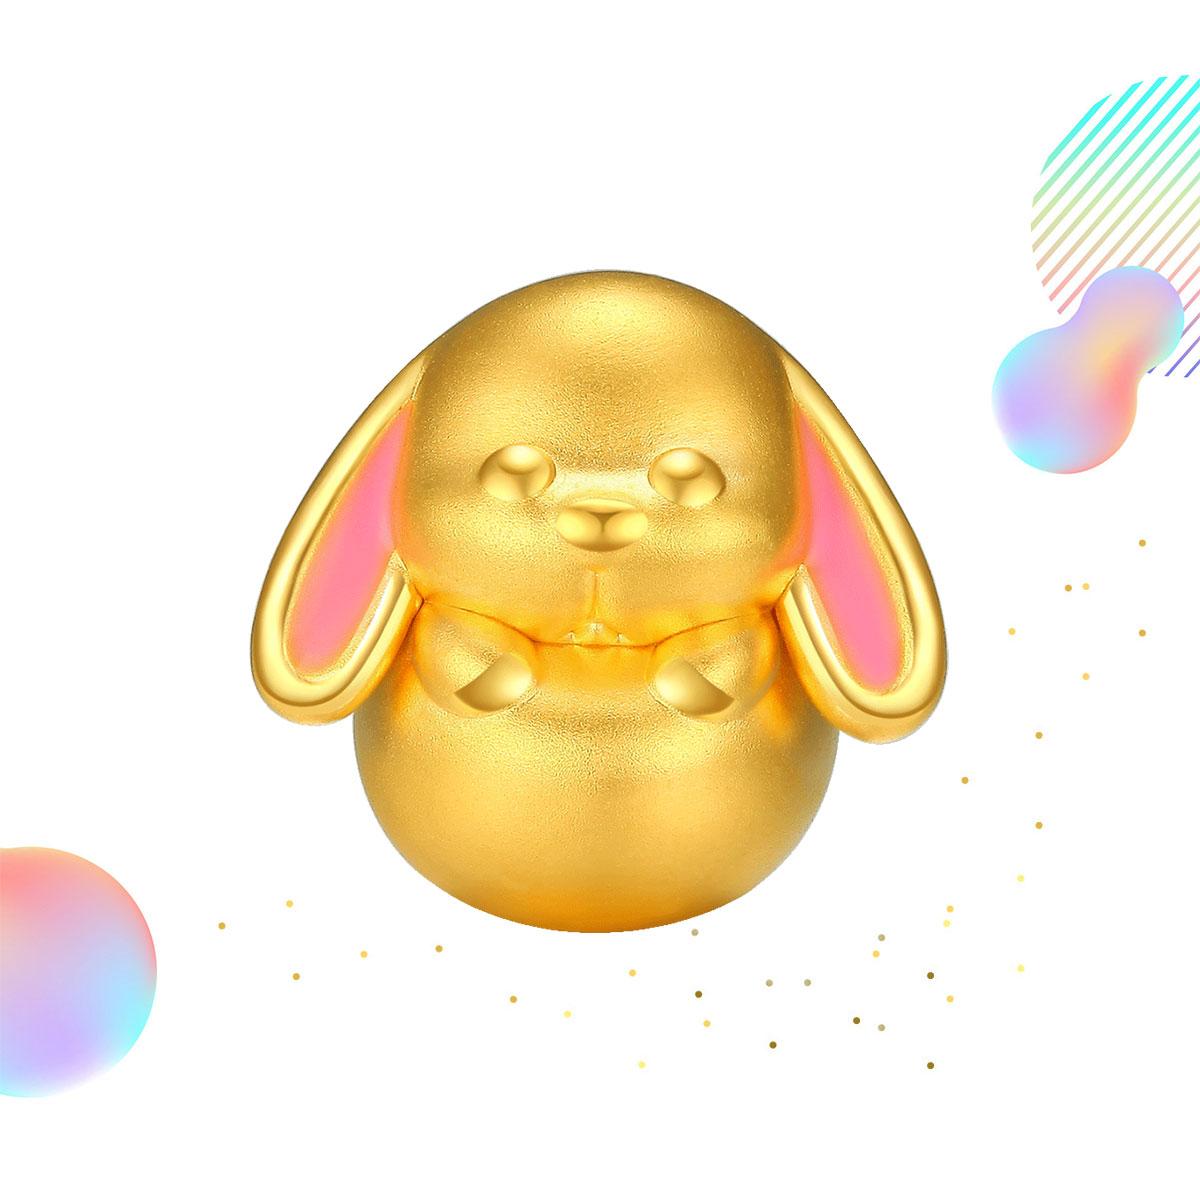 潮宏基潮宏基 兔宝宝 黄金串珠转运珠YPSHG30000377